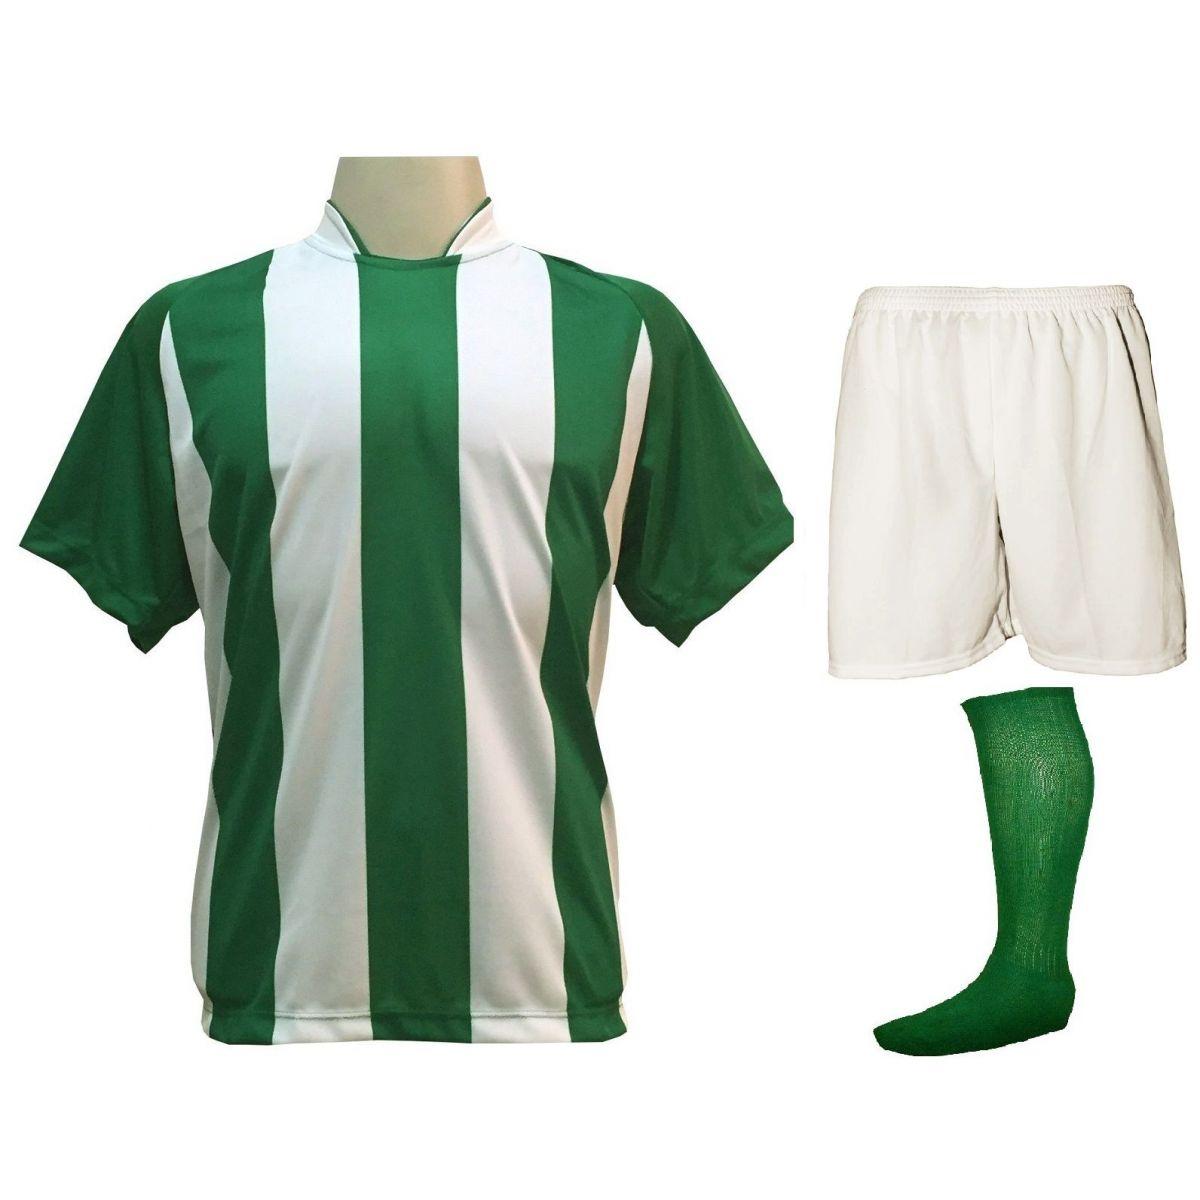 0bed70cb3e Uniforme Esportivo com 18 camisas modelo Milan Verde Branco + 18 calções  modelo Madrid Branco ...